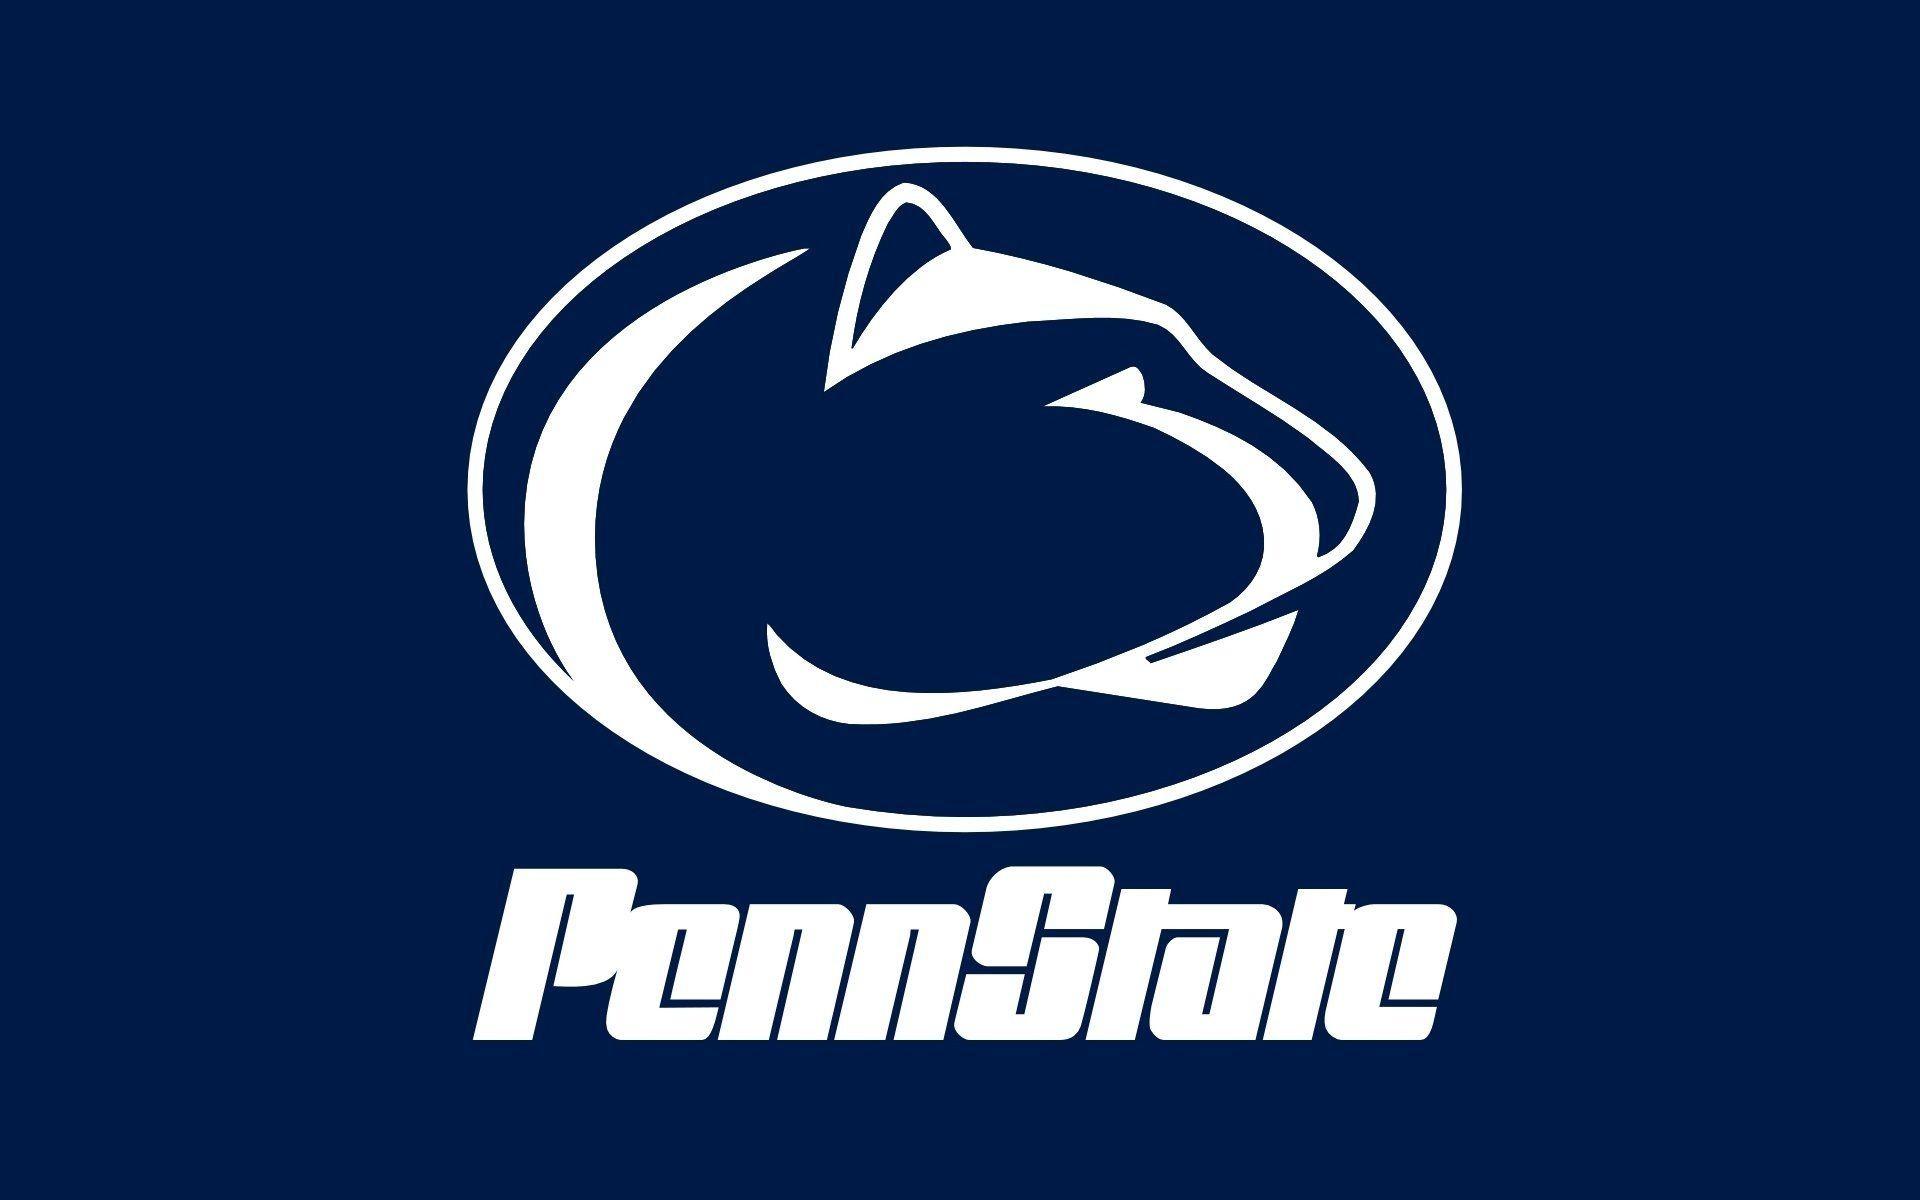 10 New Penn State Desktop Wallpaper Full Hd 1080p For Pc Background Penn State Penn State Logo Penn State Nittany Lions